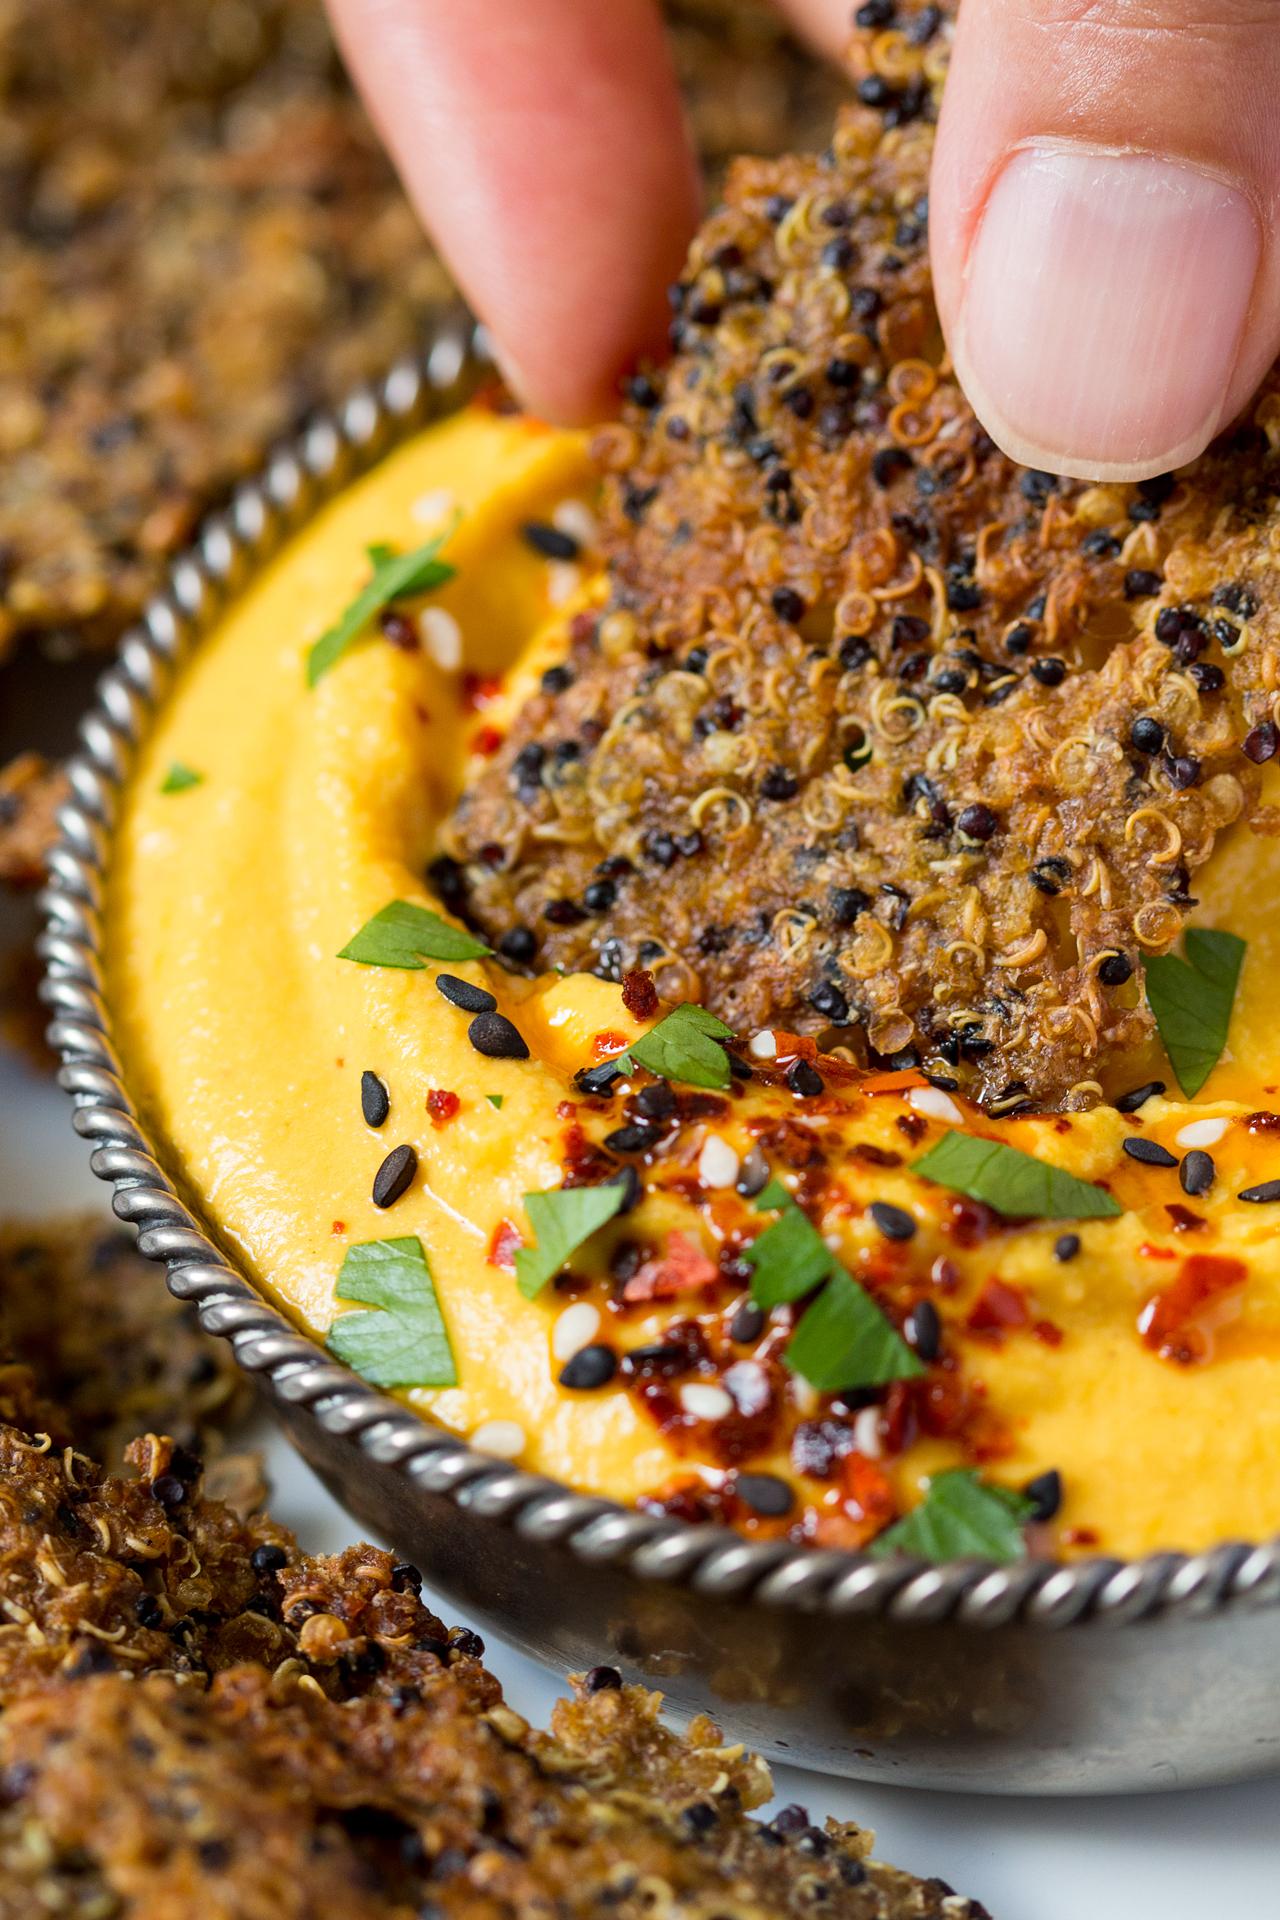 krakers z komosy ryżowej z hummusem marchewkowym